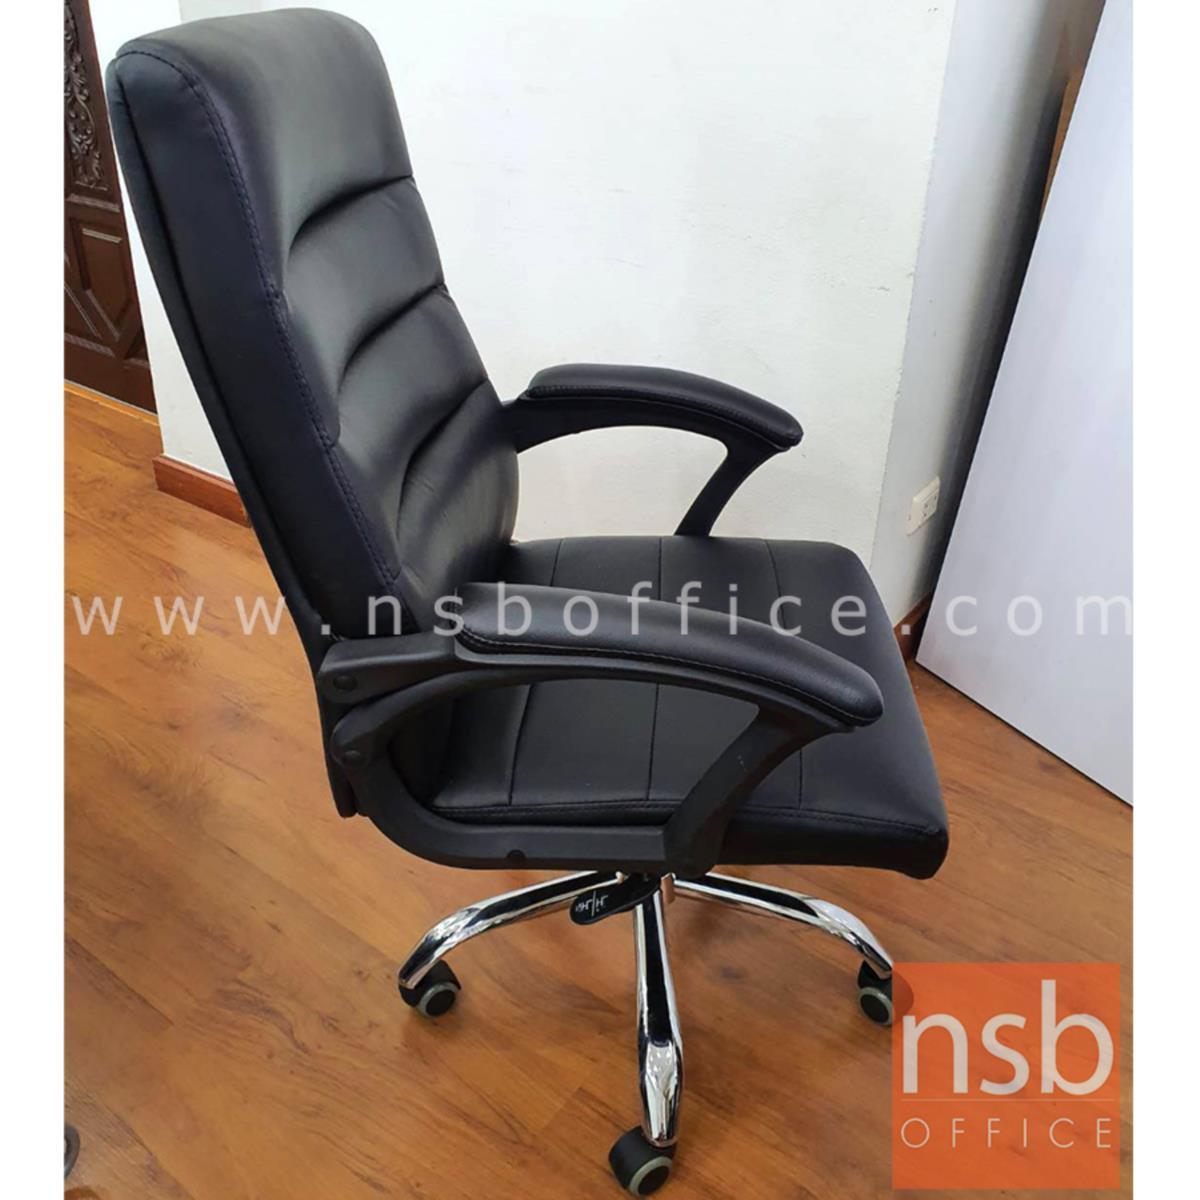 เก้าอี้ผู้บริหาร รุ่น VISCARIA (เวสกาเรีย)  โช๊คแก๊ส มีก้อนโยก ขาเหล็กชุบโครเมี่ยม